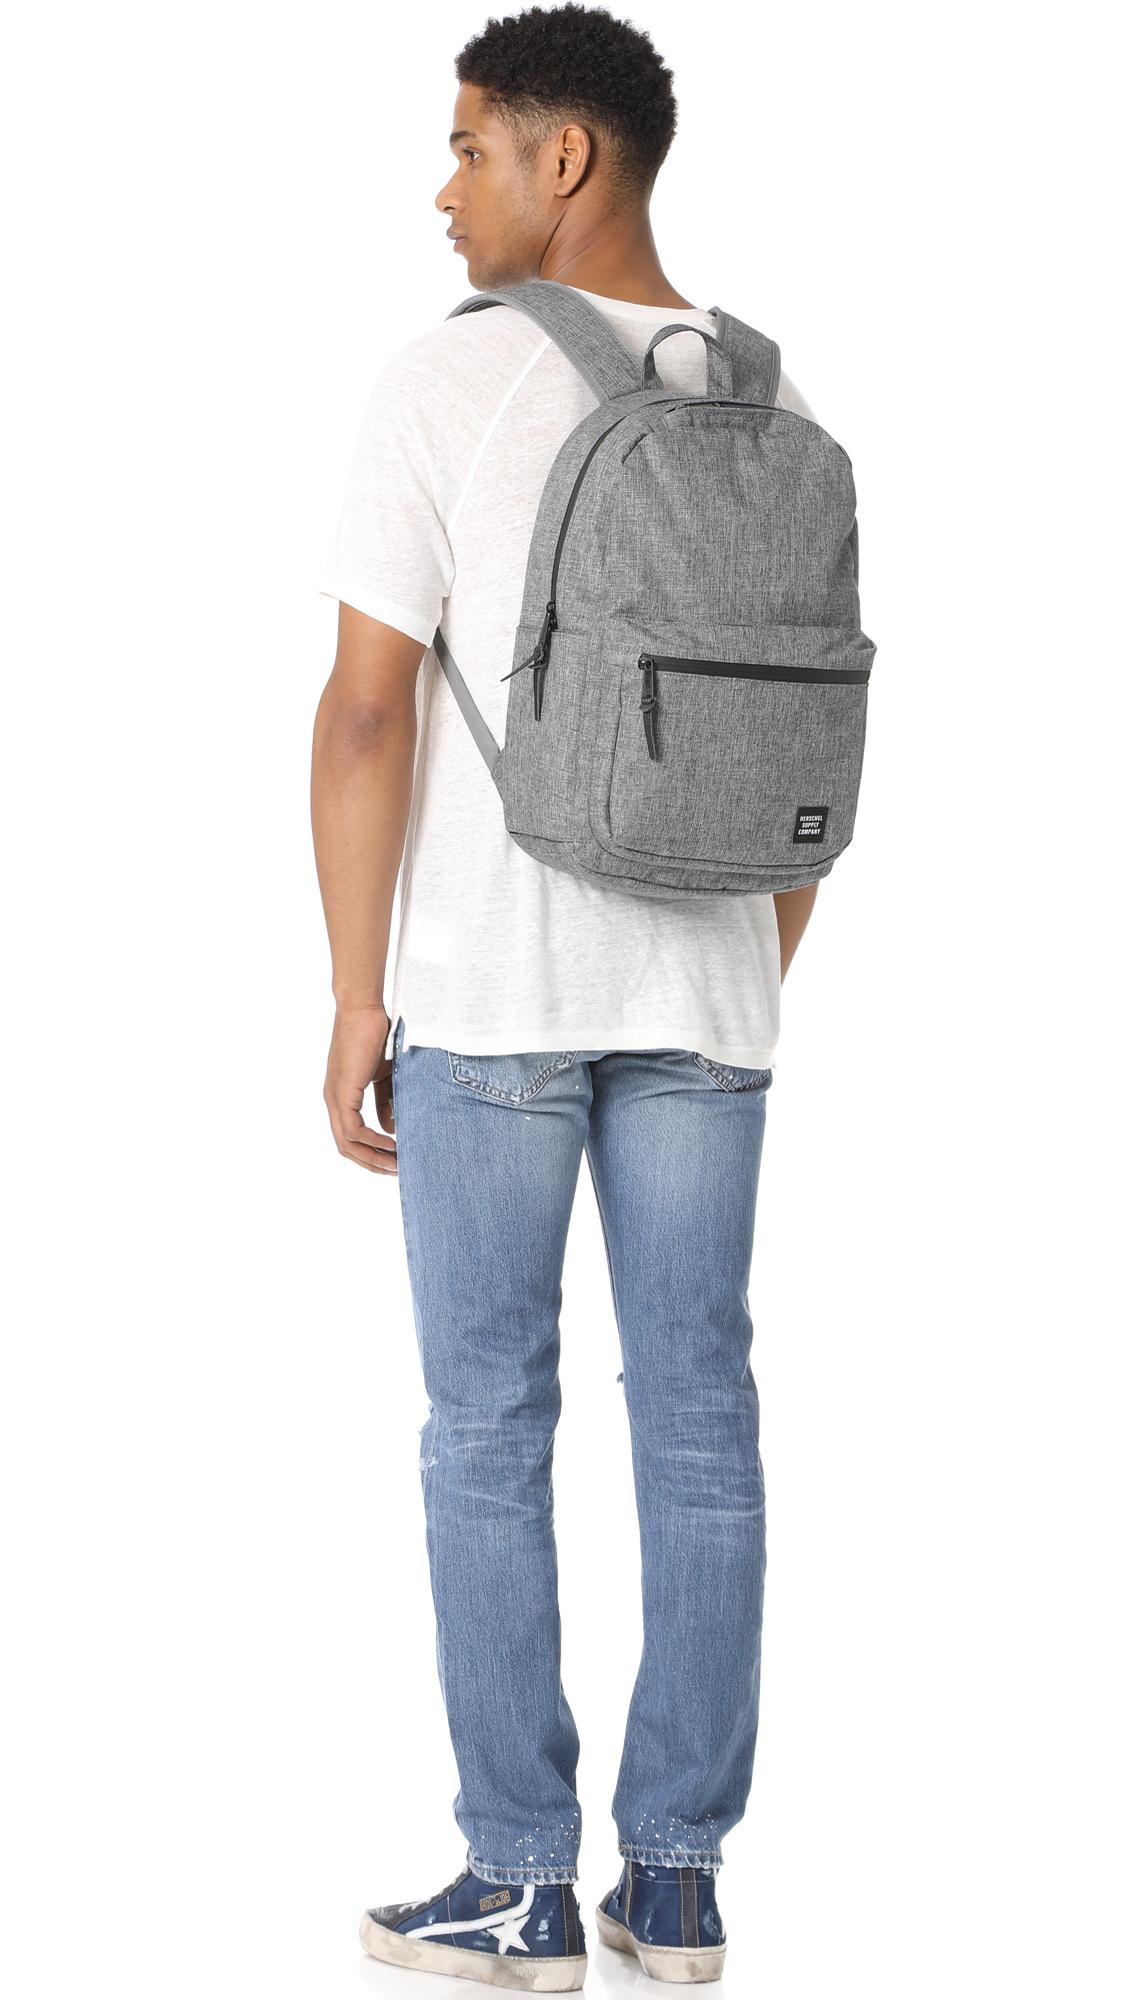 95e87a7014 Herschel Supply Co. Harrison Backpack